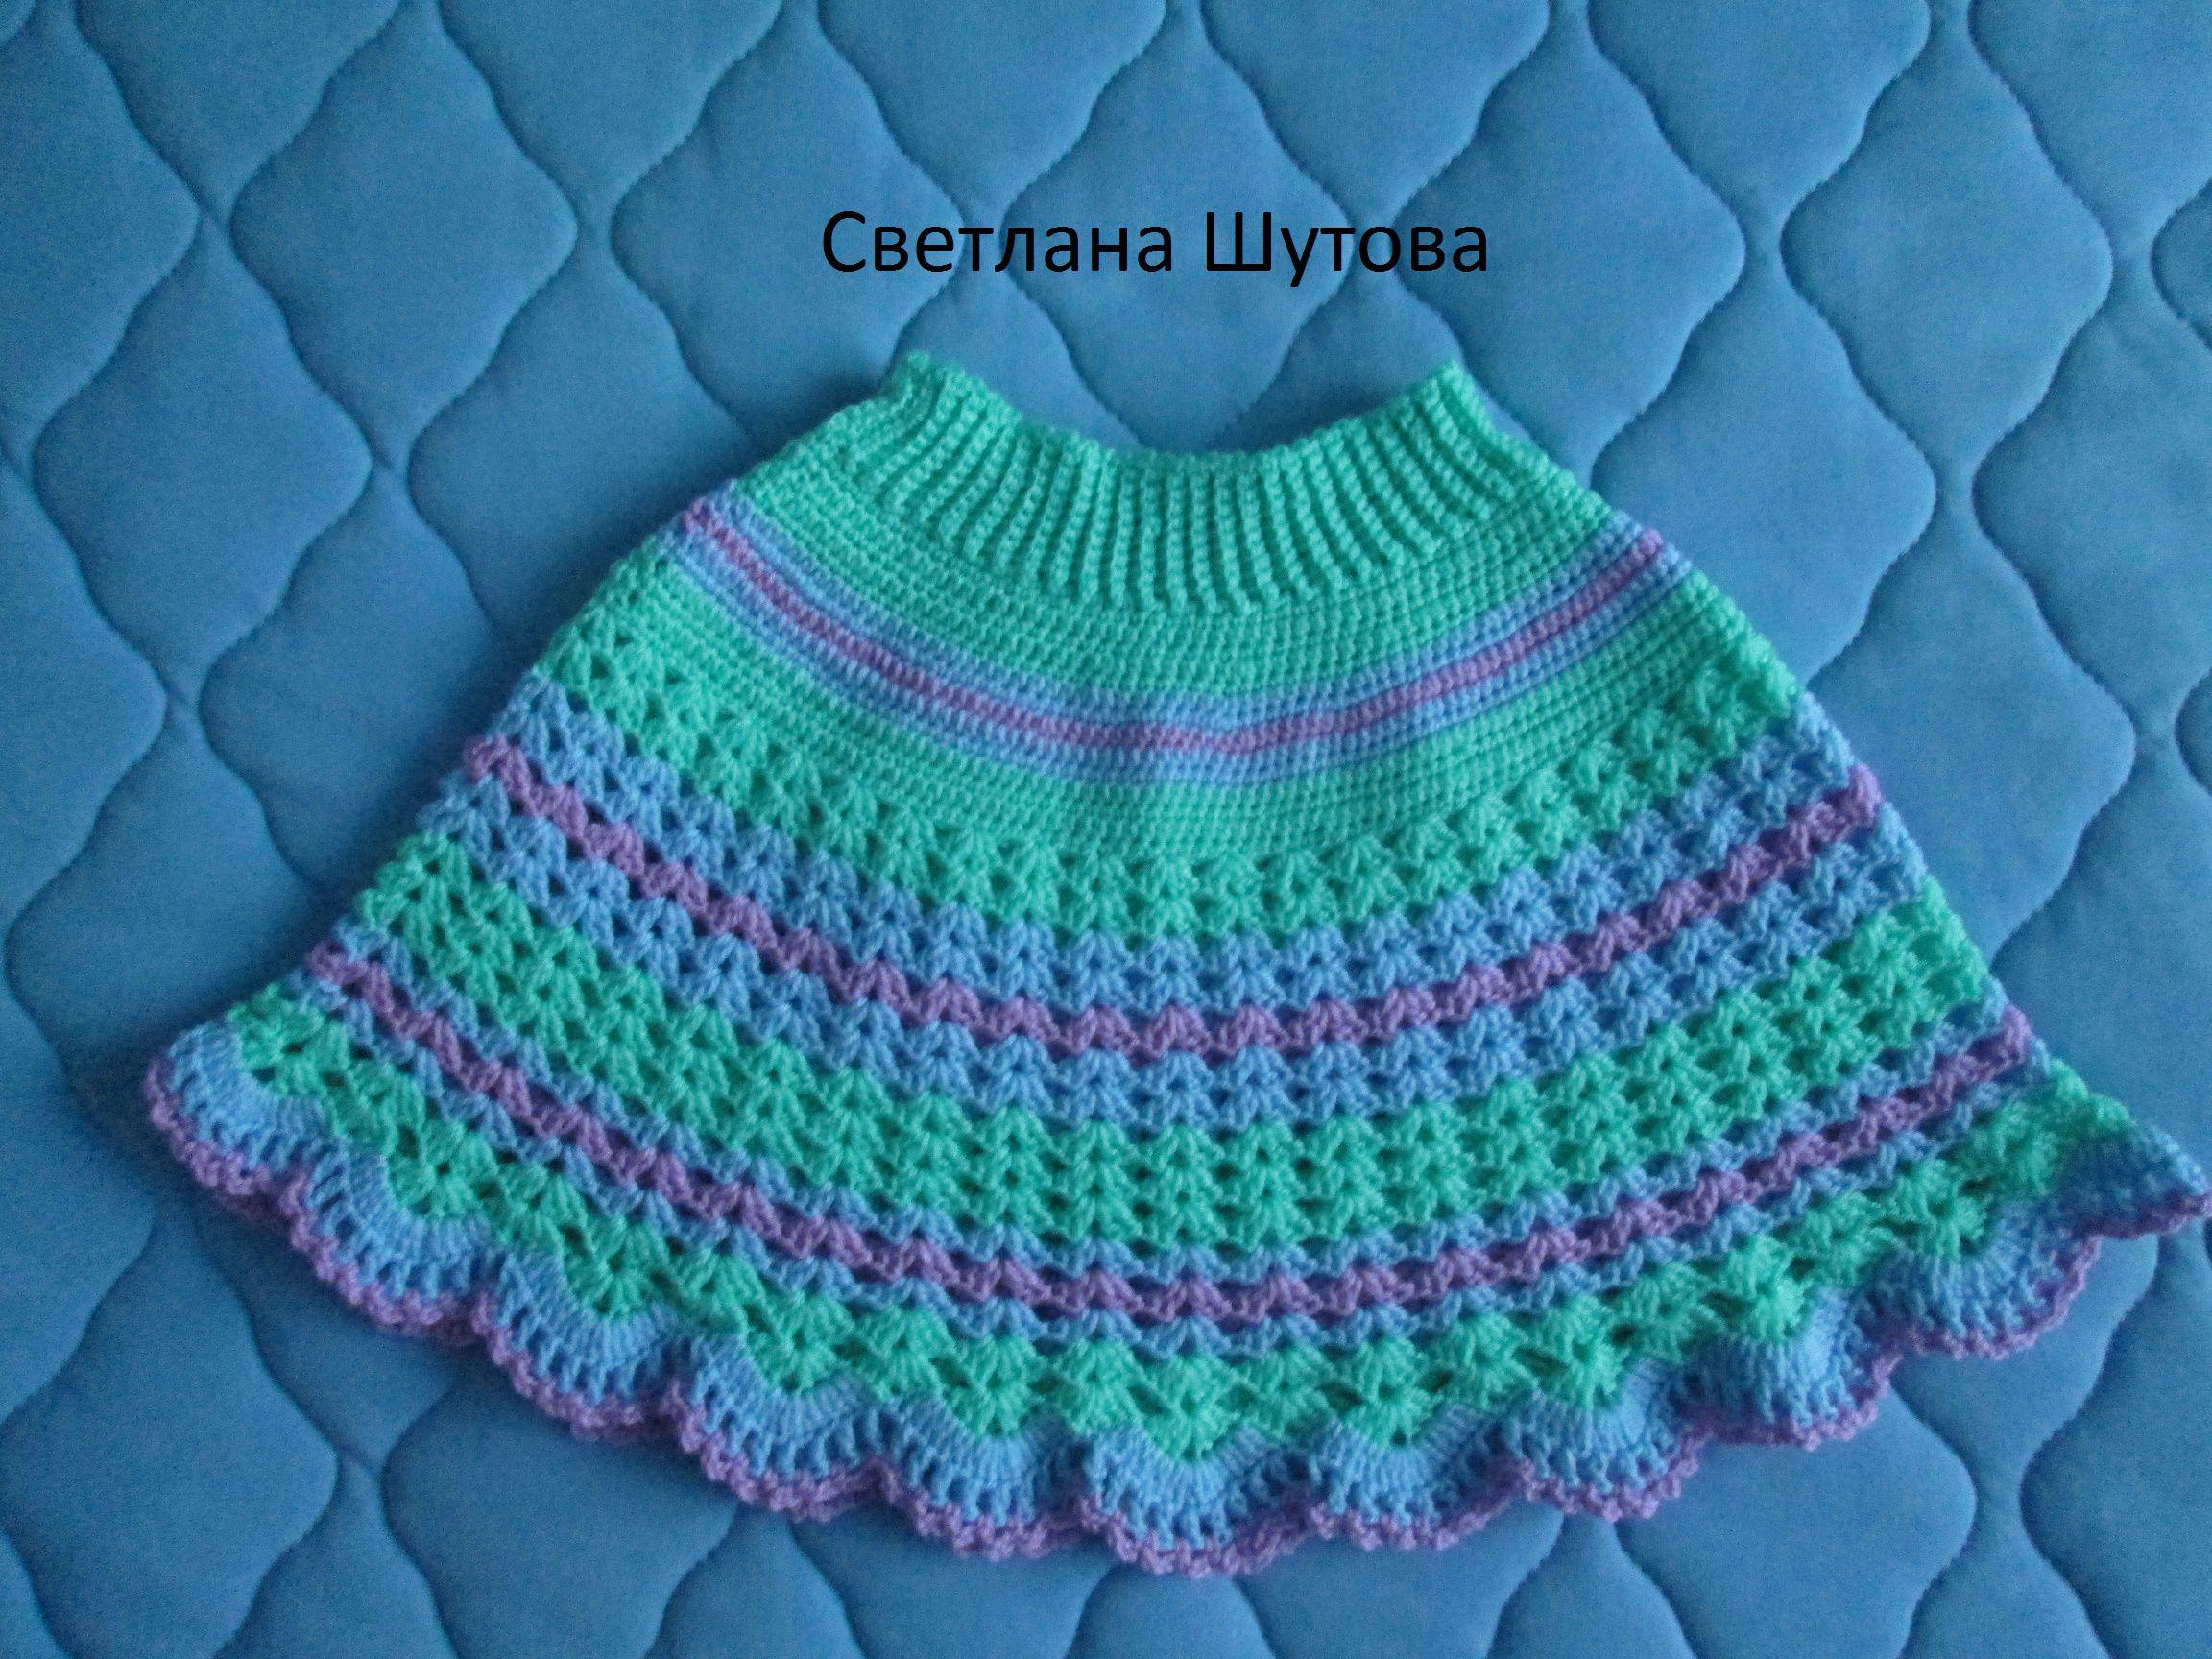 крючком юбка одежда вязание дети ручнаяработа девочкам